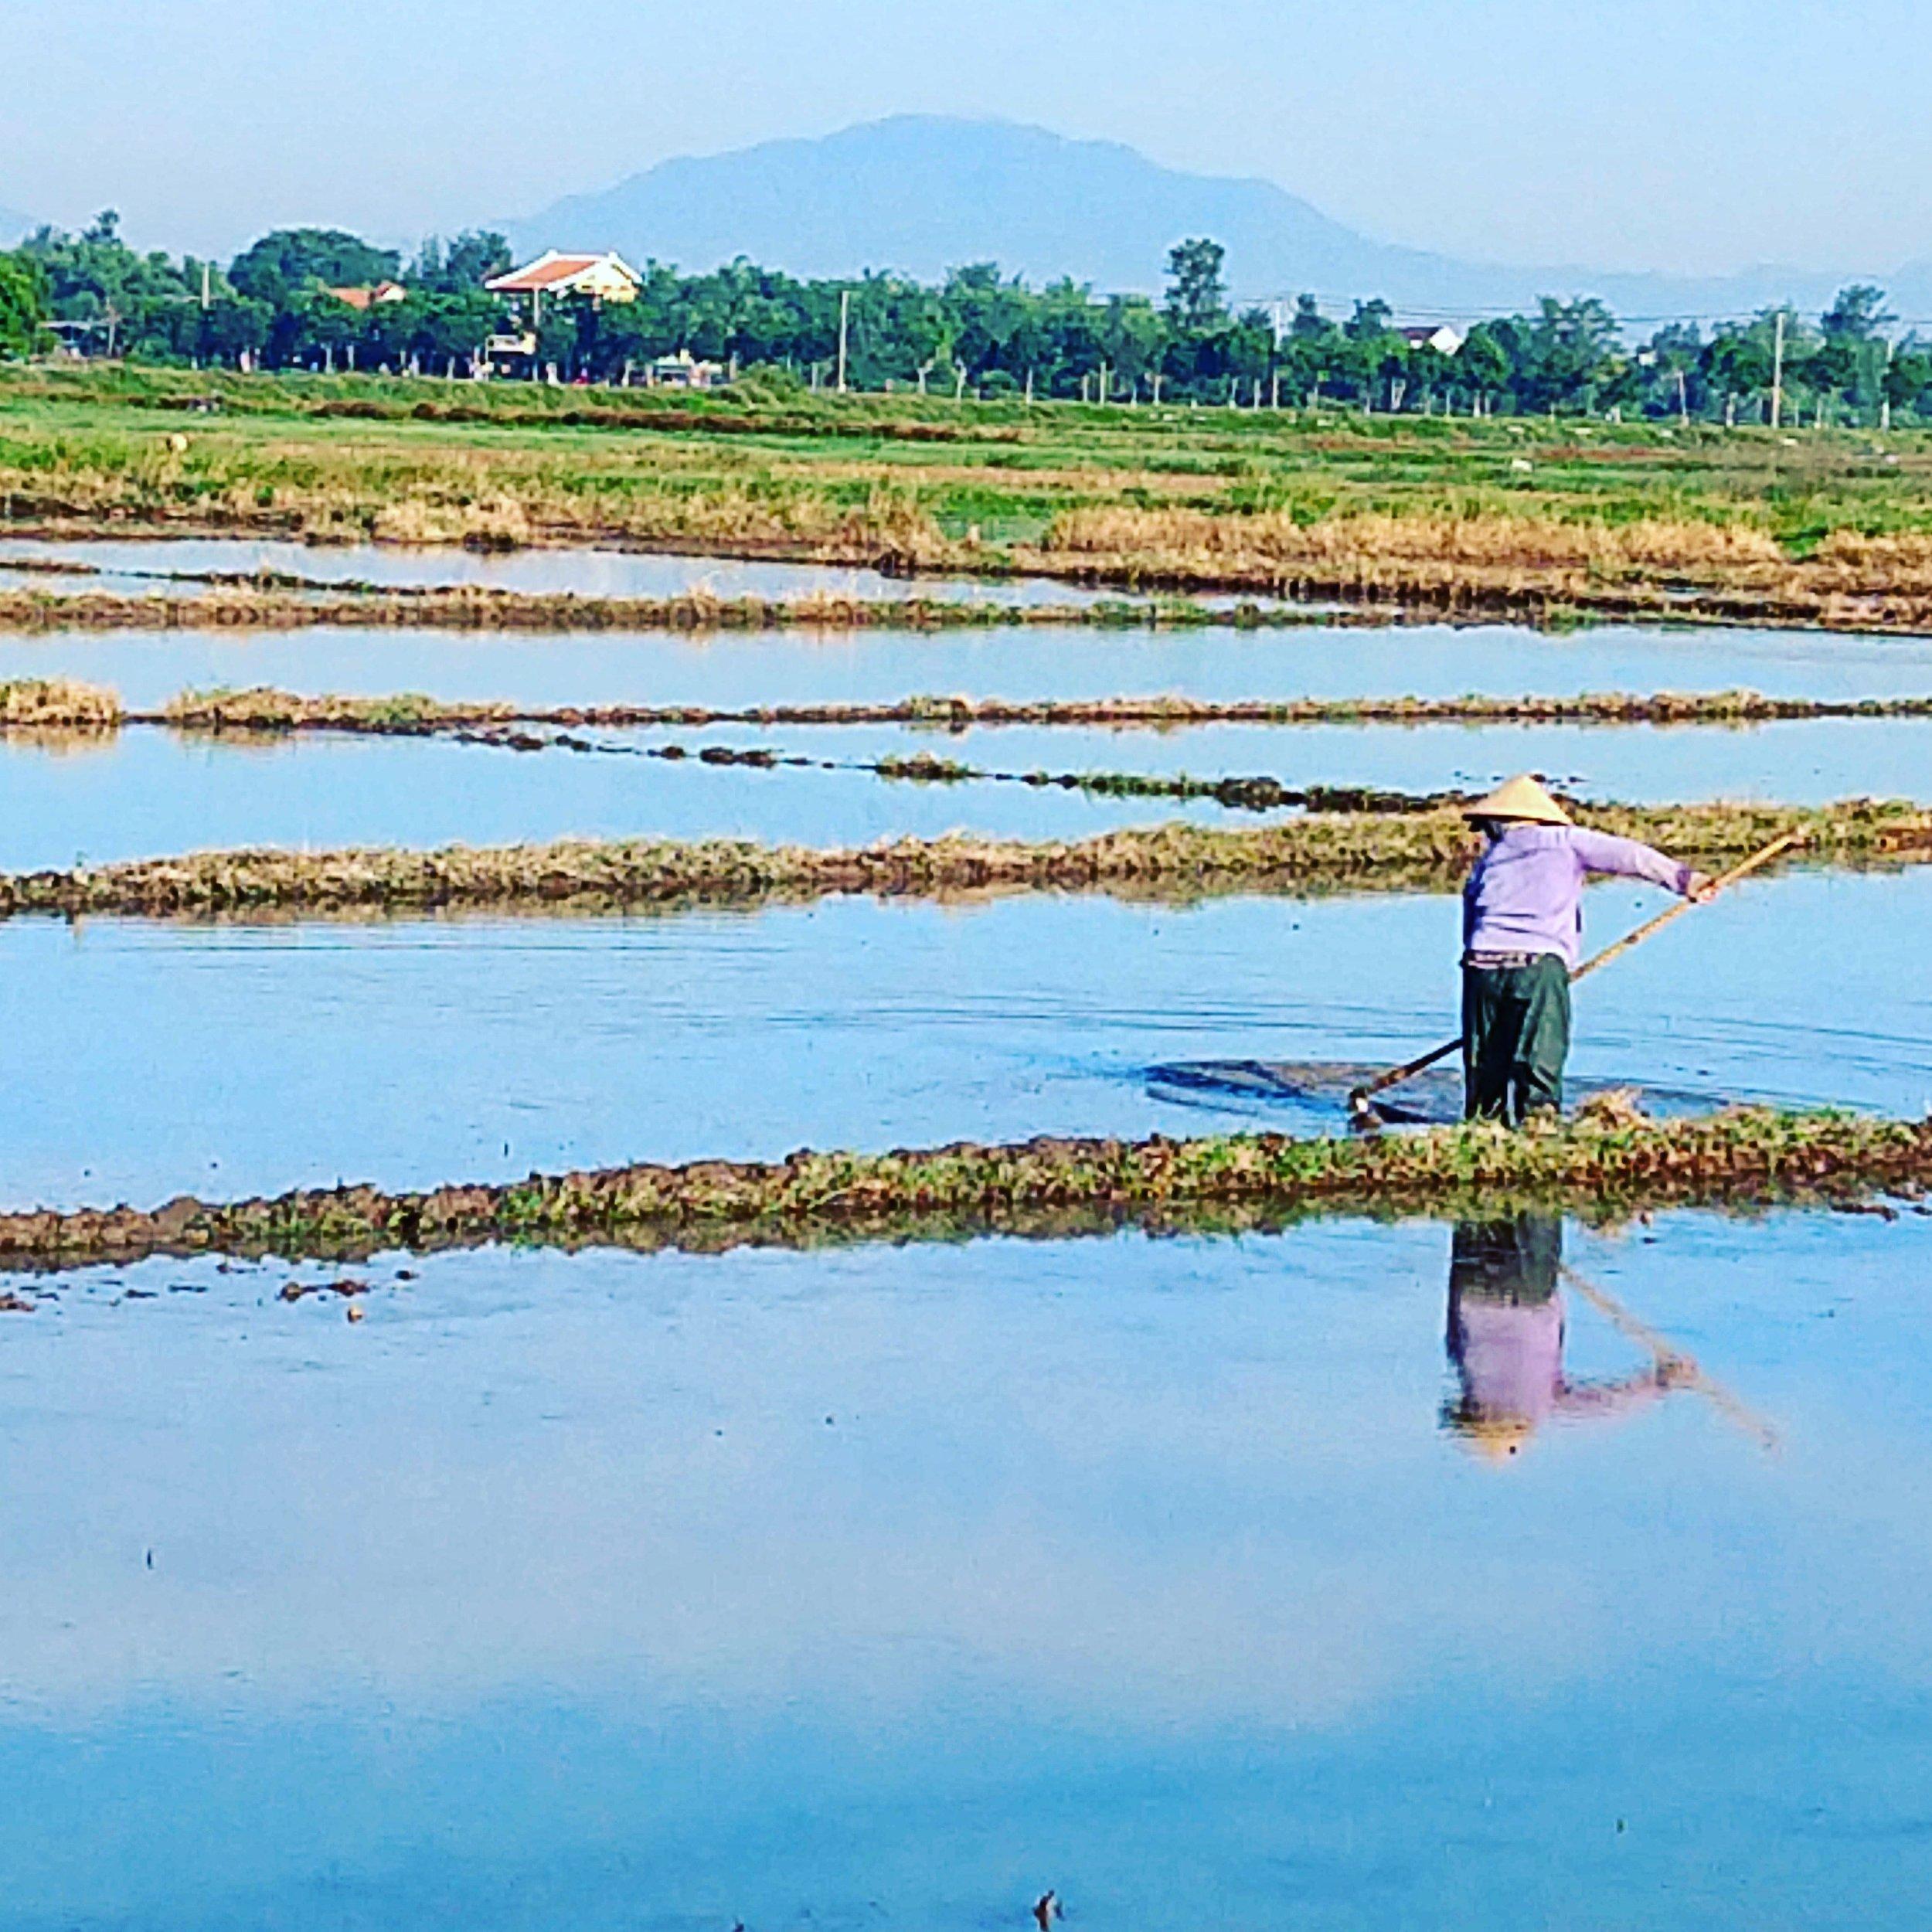 ricefieldhoeing.jpg